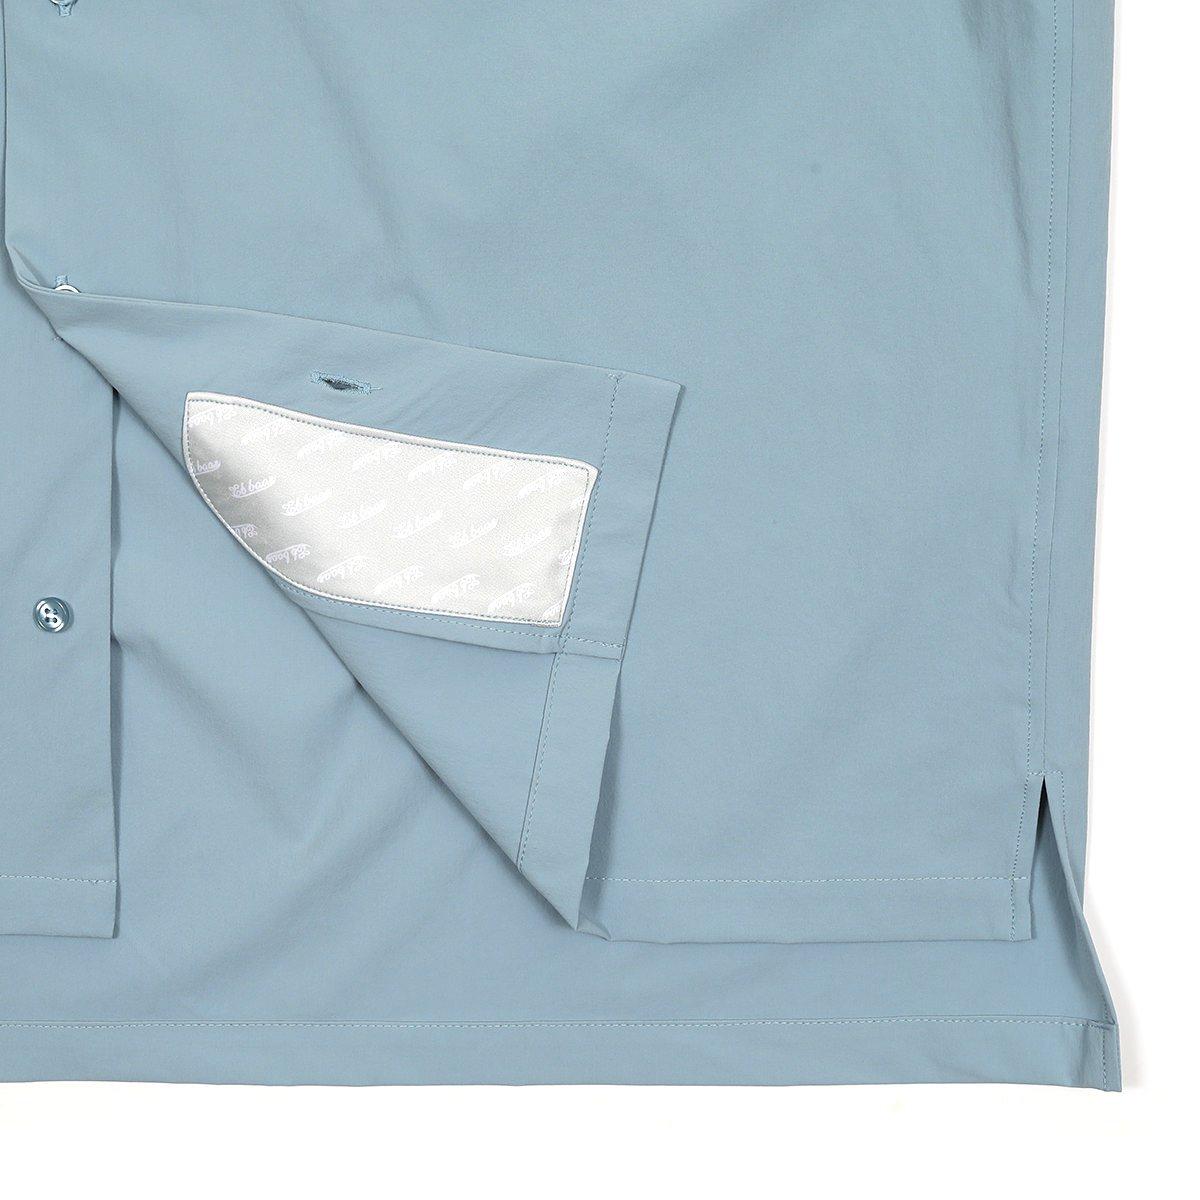 S/S W Pocket Shirts 詳細画像21